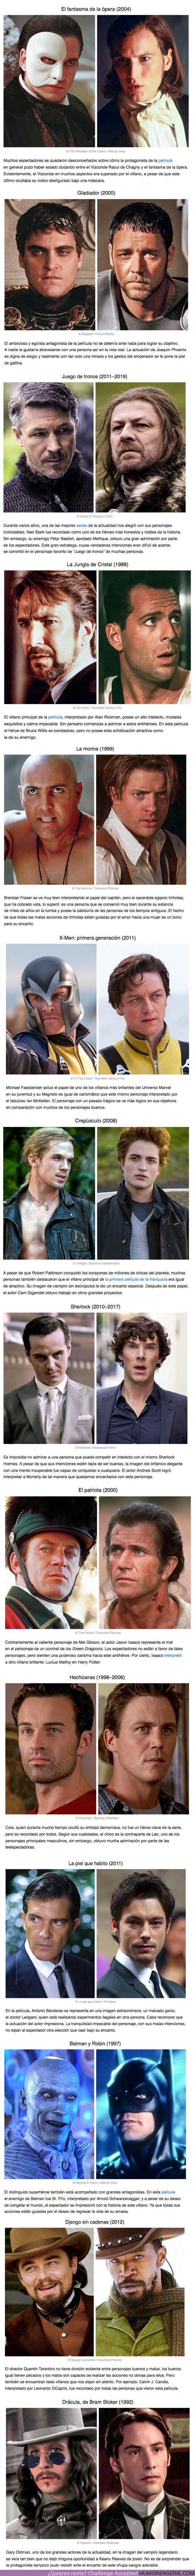 62428 - GALERÍA: 14 Casos cuando los villanos del cine se robaron los corazones de los espectadores